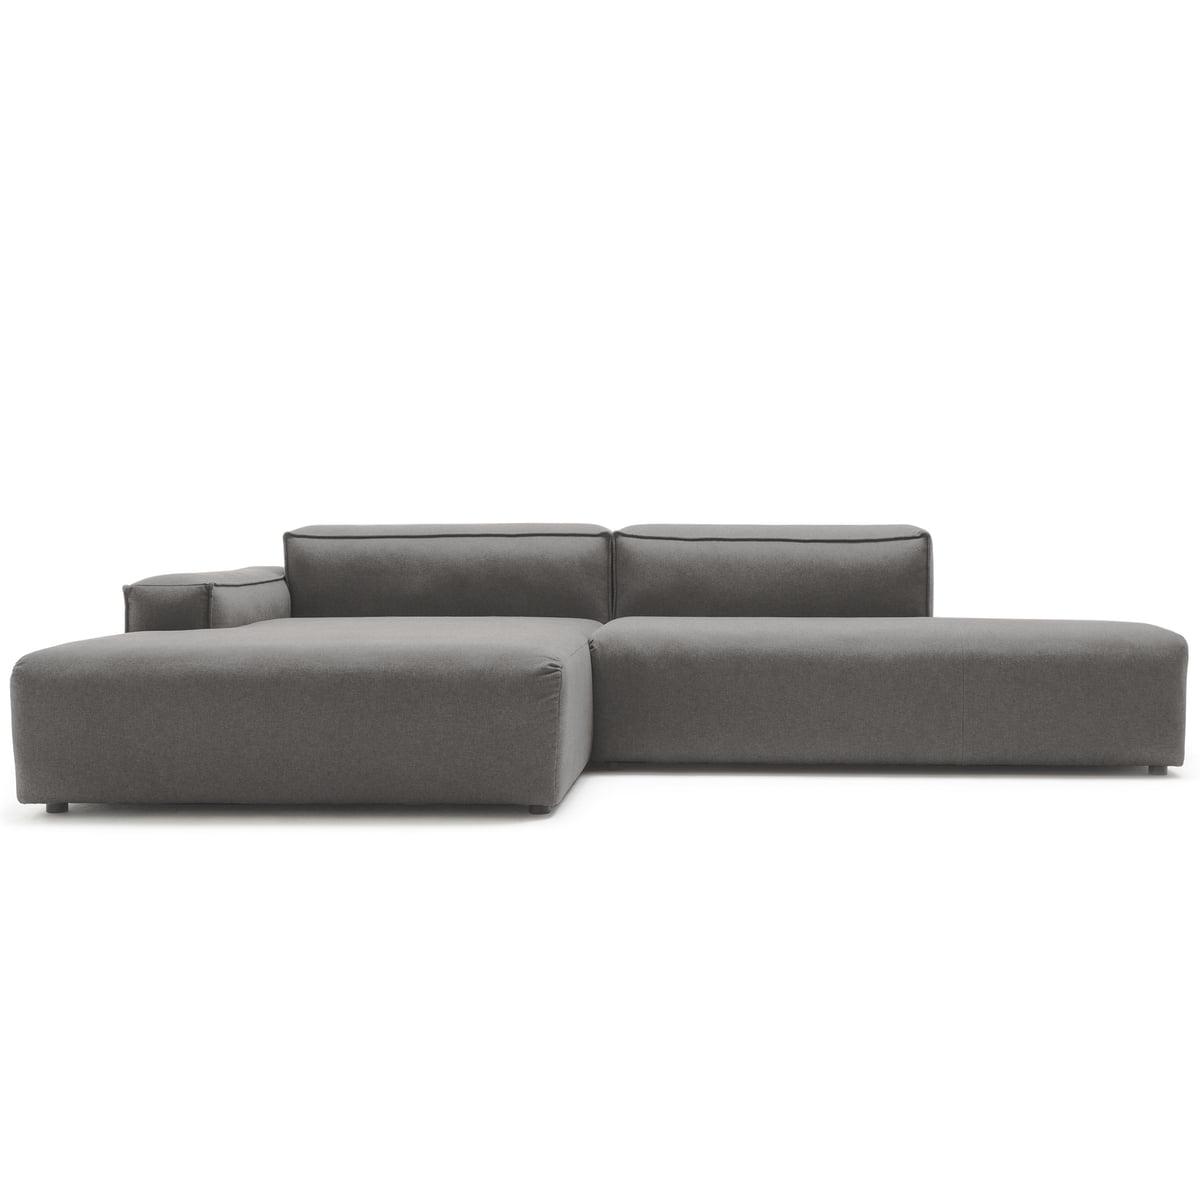 Bezaubernd Sofa Ecke Ideen Von 175 Corner, Left Side Low By Freistil